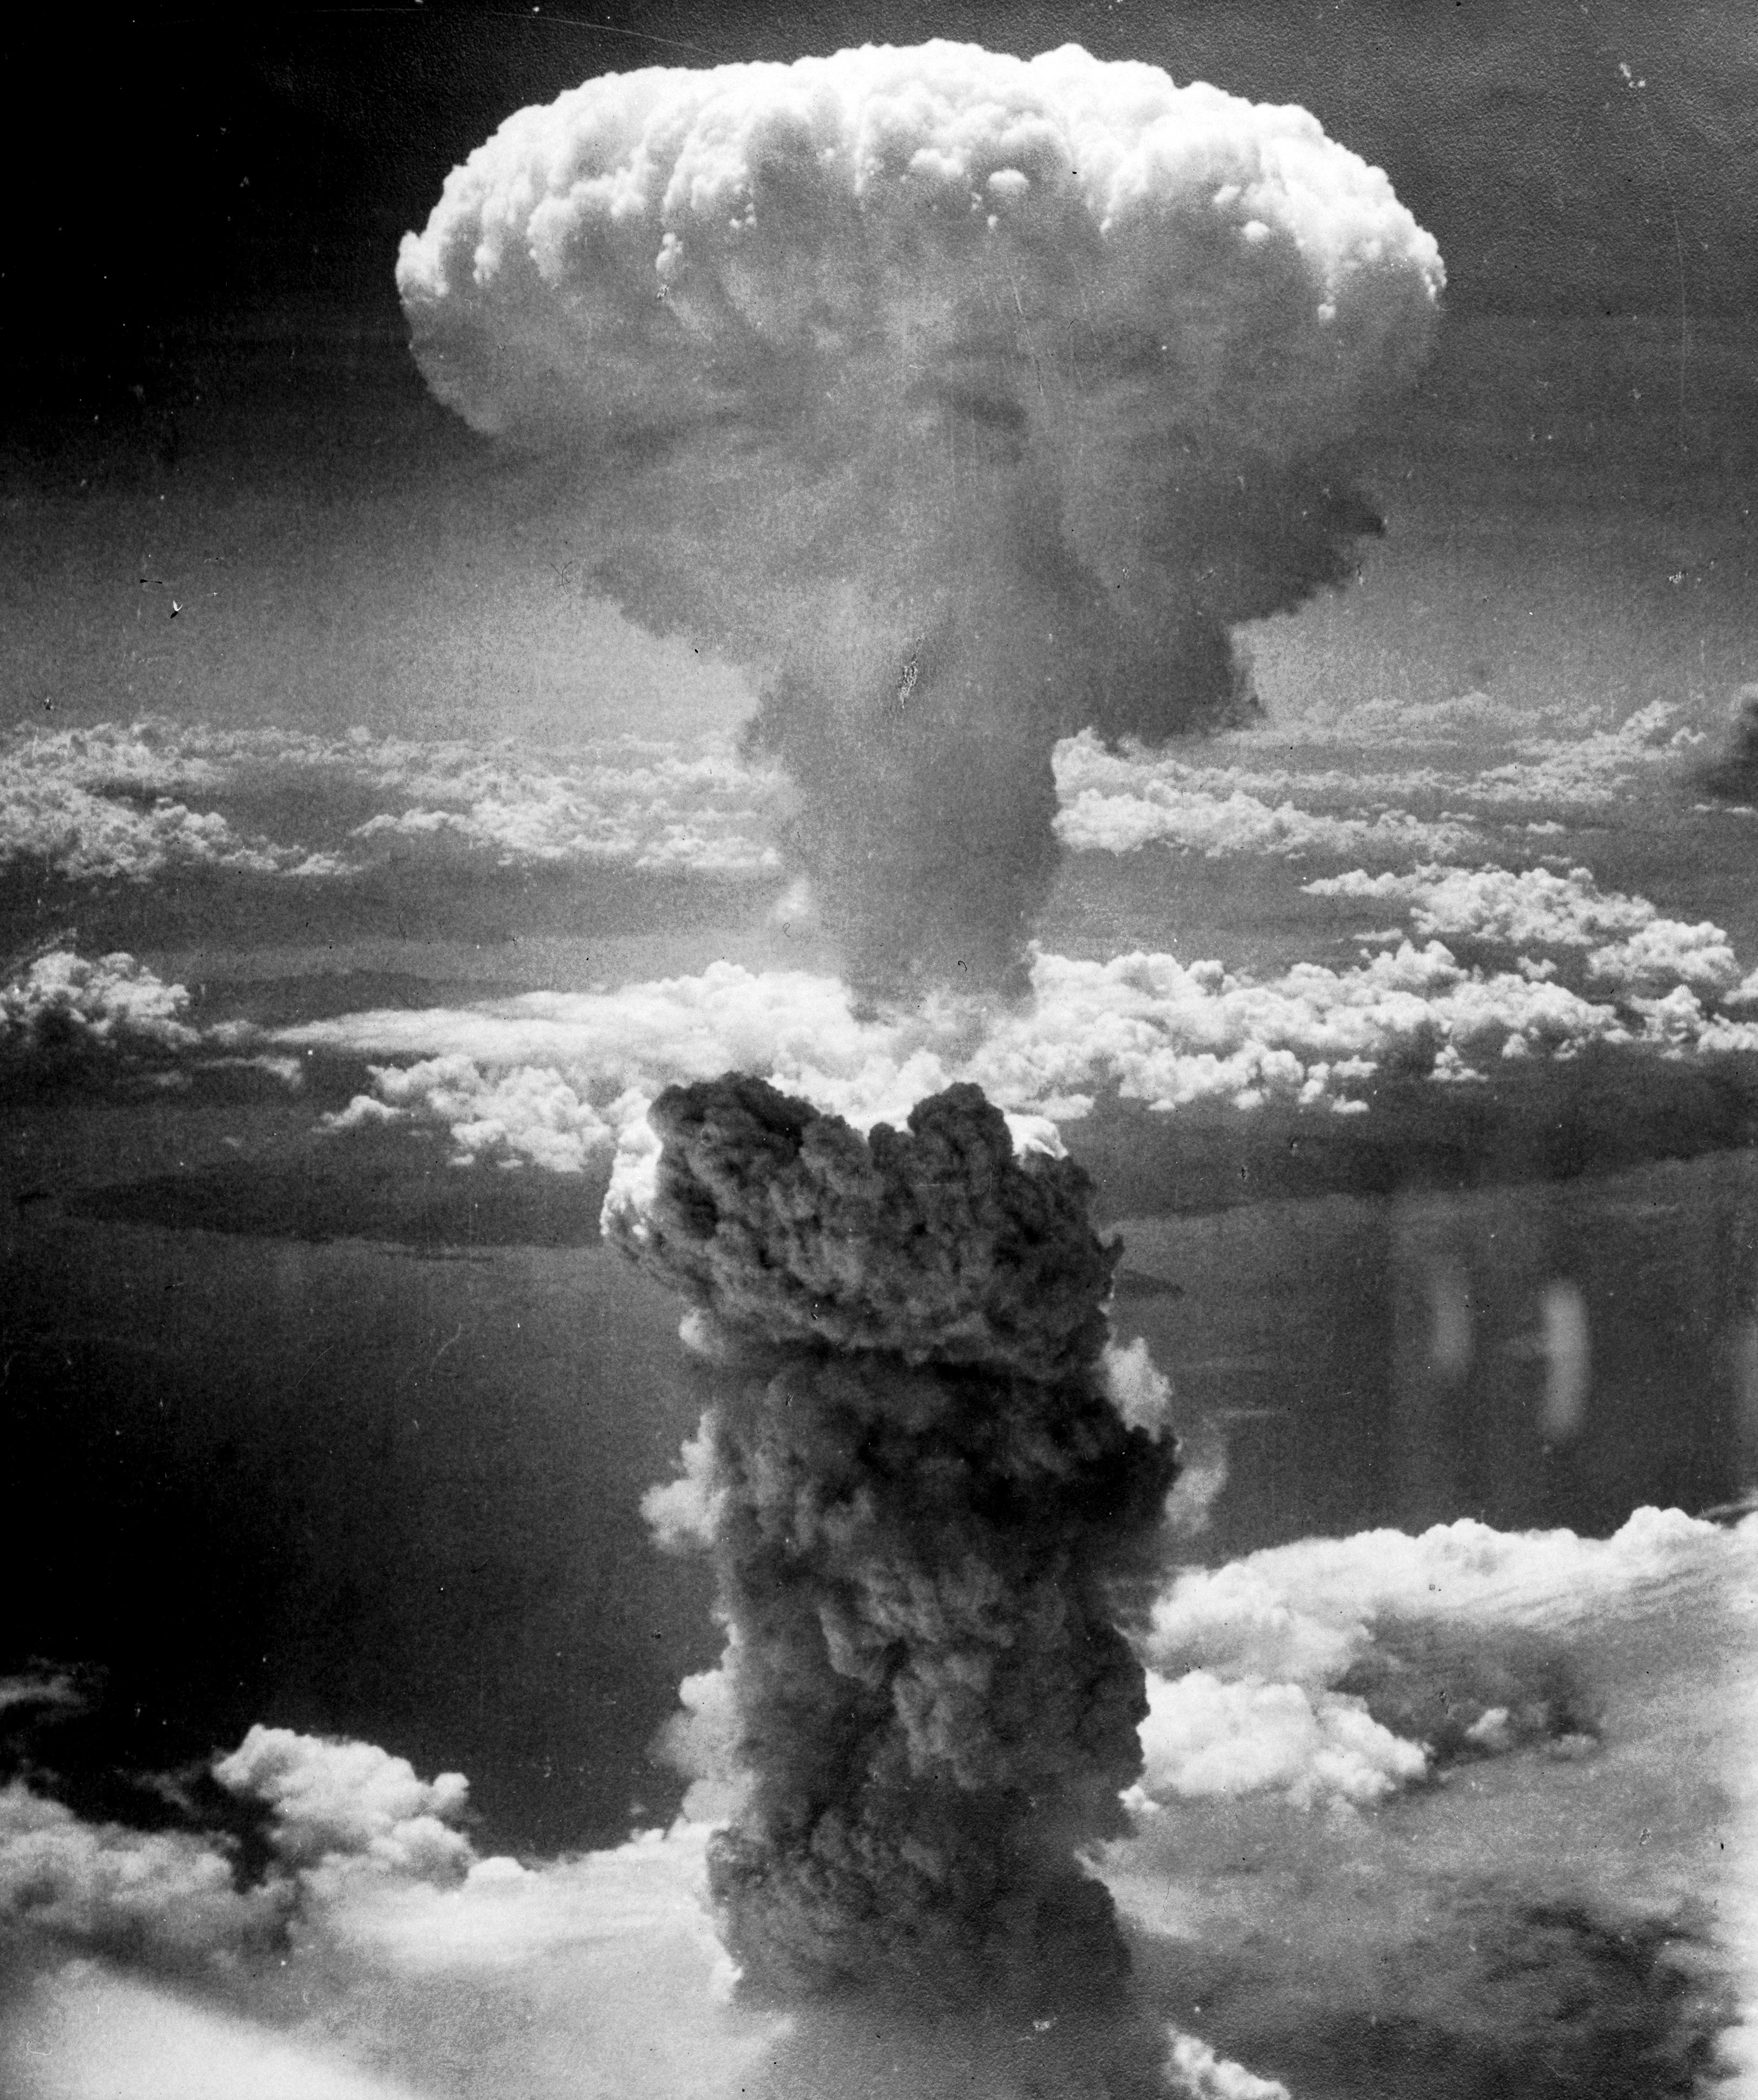 The atomic cloud over Nagasaki